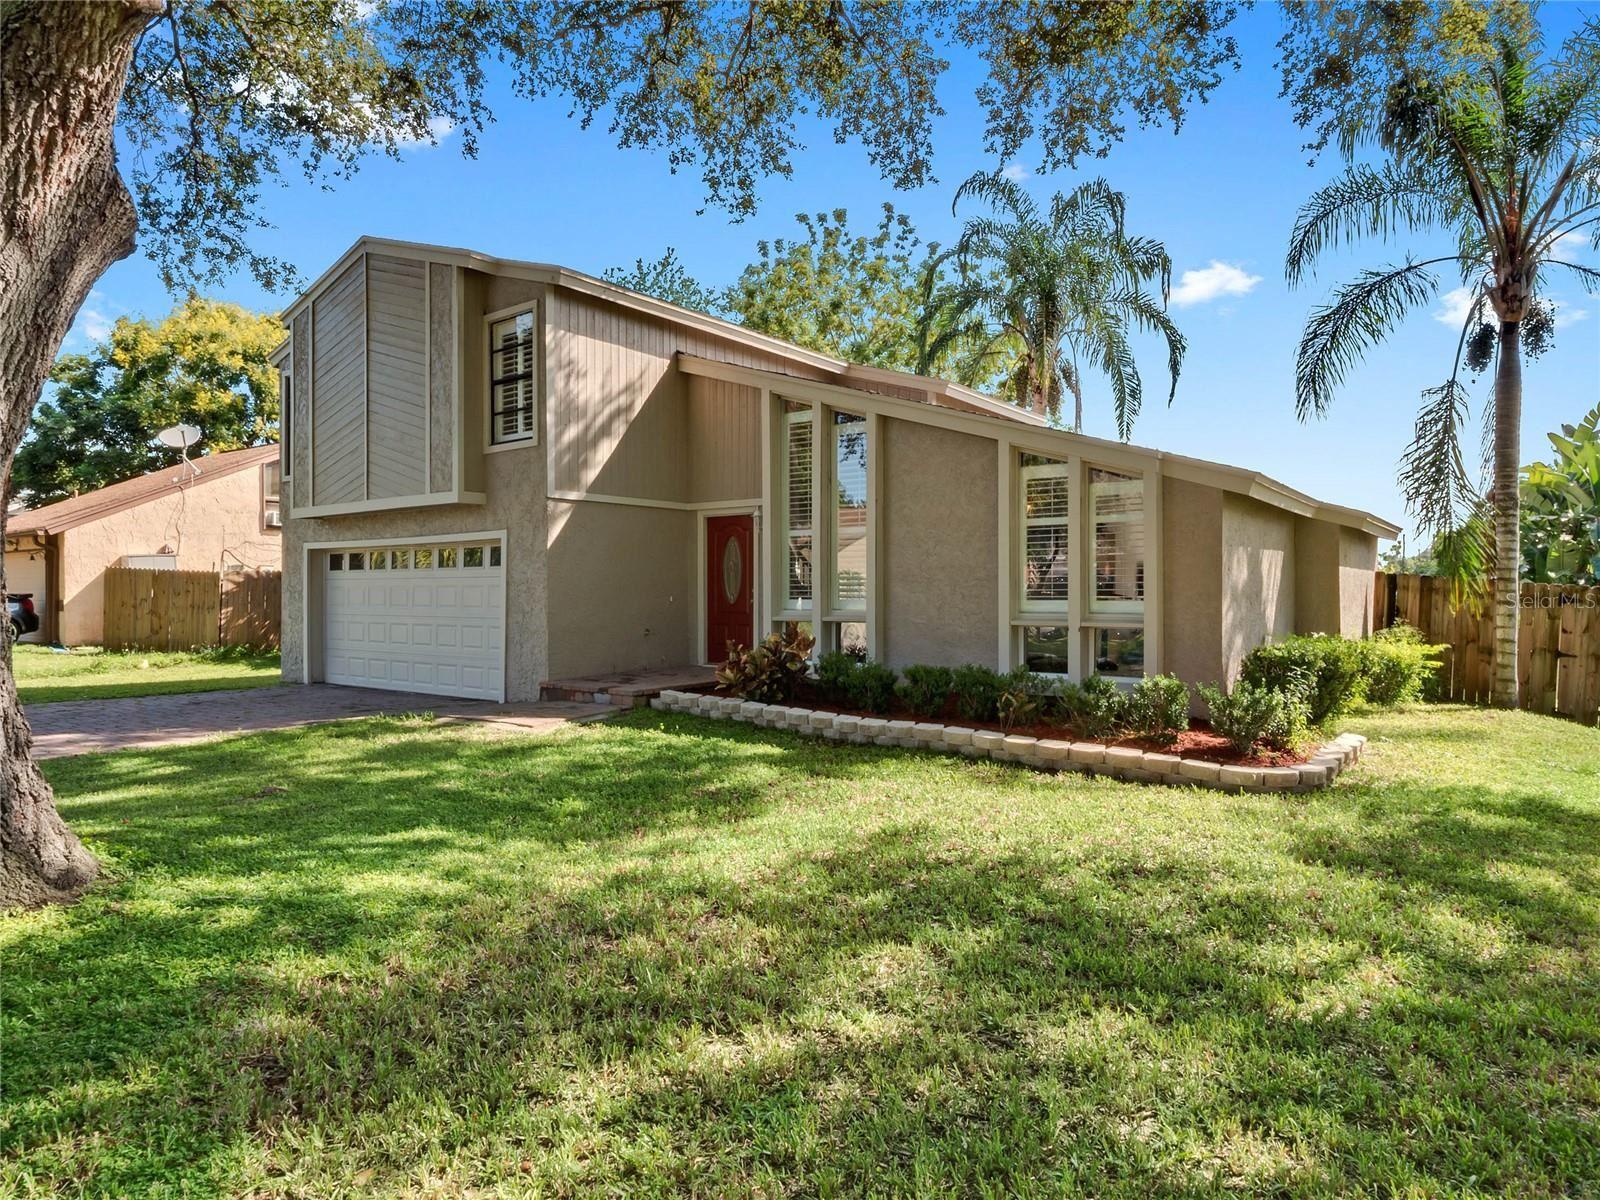 5623 SPRING RUN AVENUE, Orlando, FL 32819 - #: O5974486